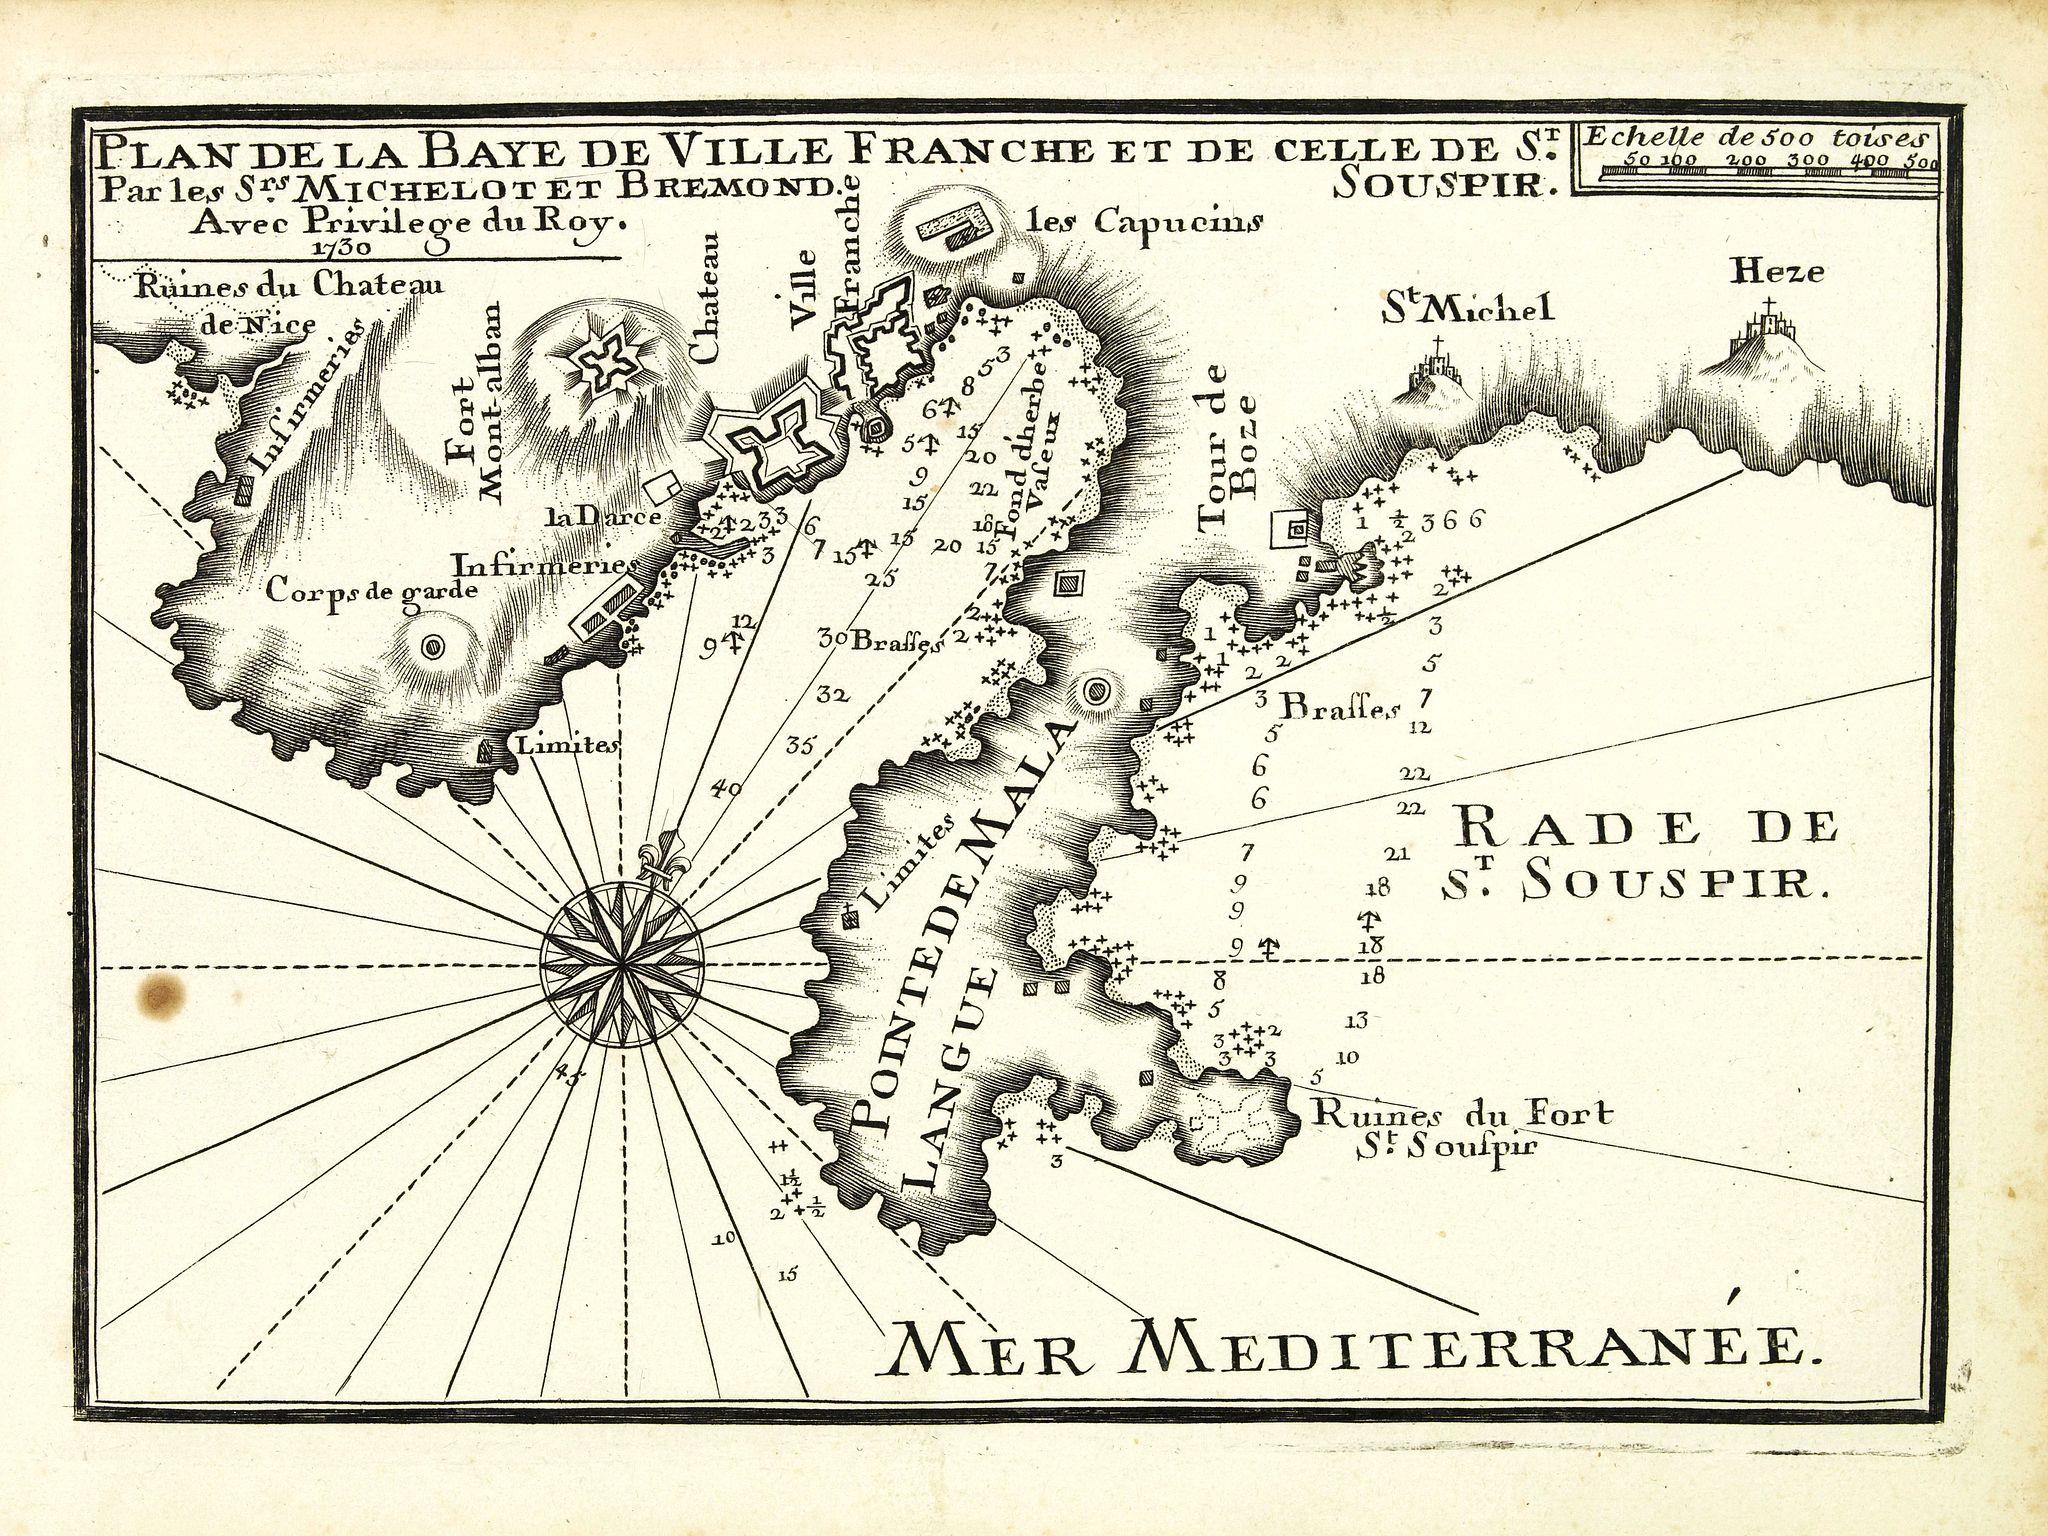 MICHELOT, H. / BREMOND, L. -  Plan de la Baye de Ville Franche et de celle de St. Souspir.